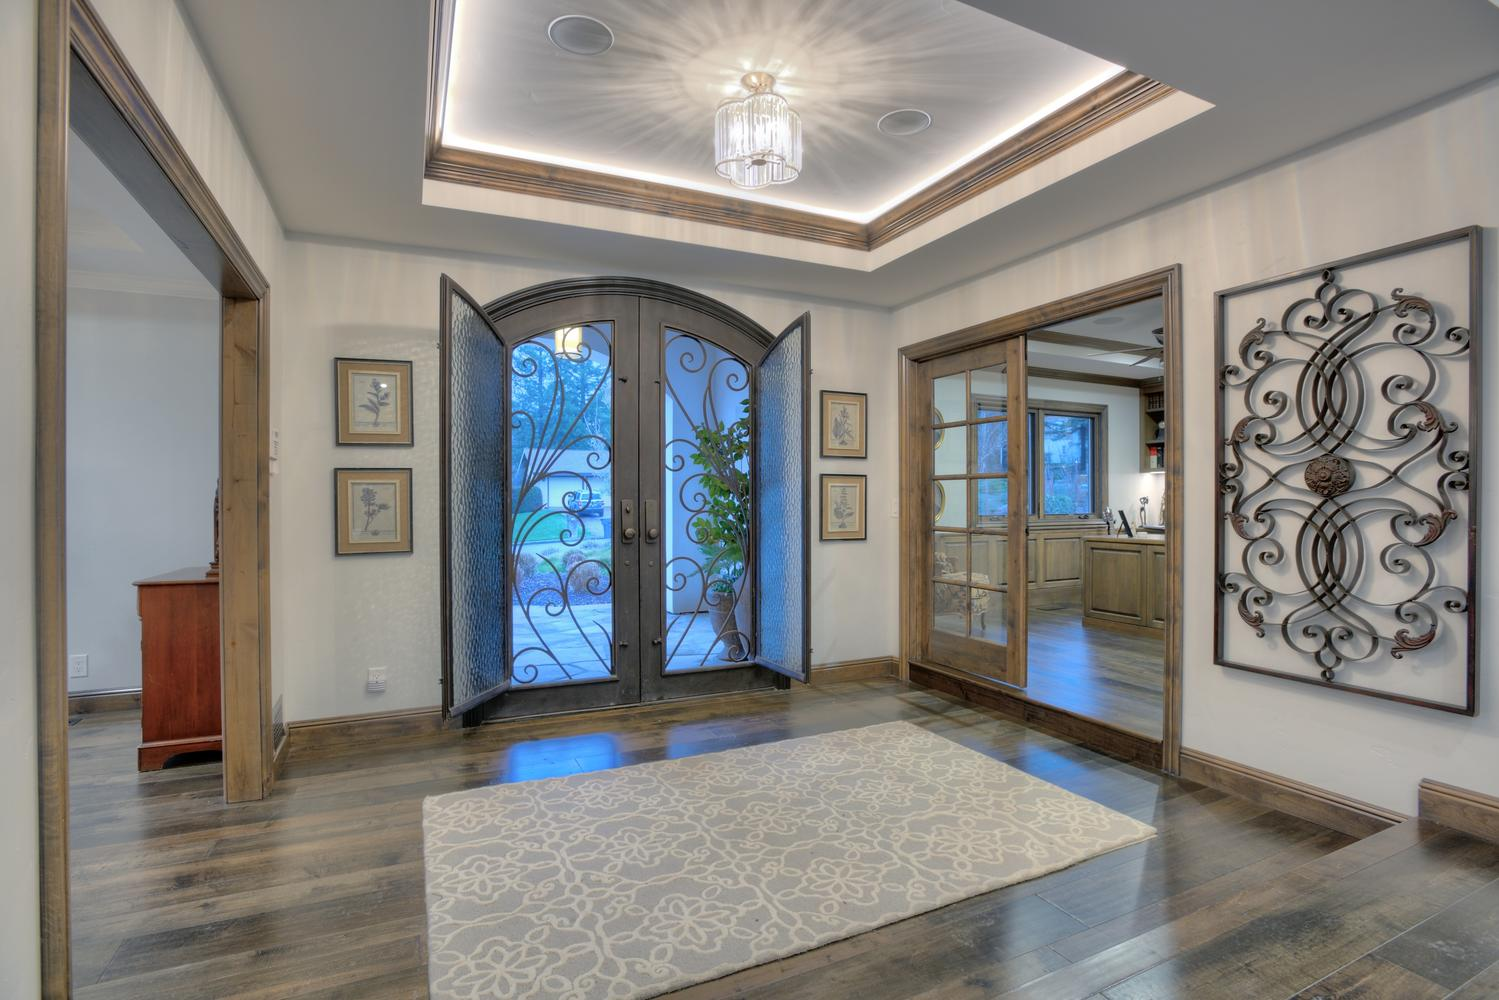 15977 Grandview Dr Monte-large-012-35-Foyer with Door Windows Open-1499x1000-72dpi.jpg